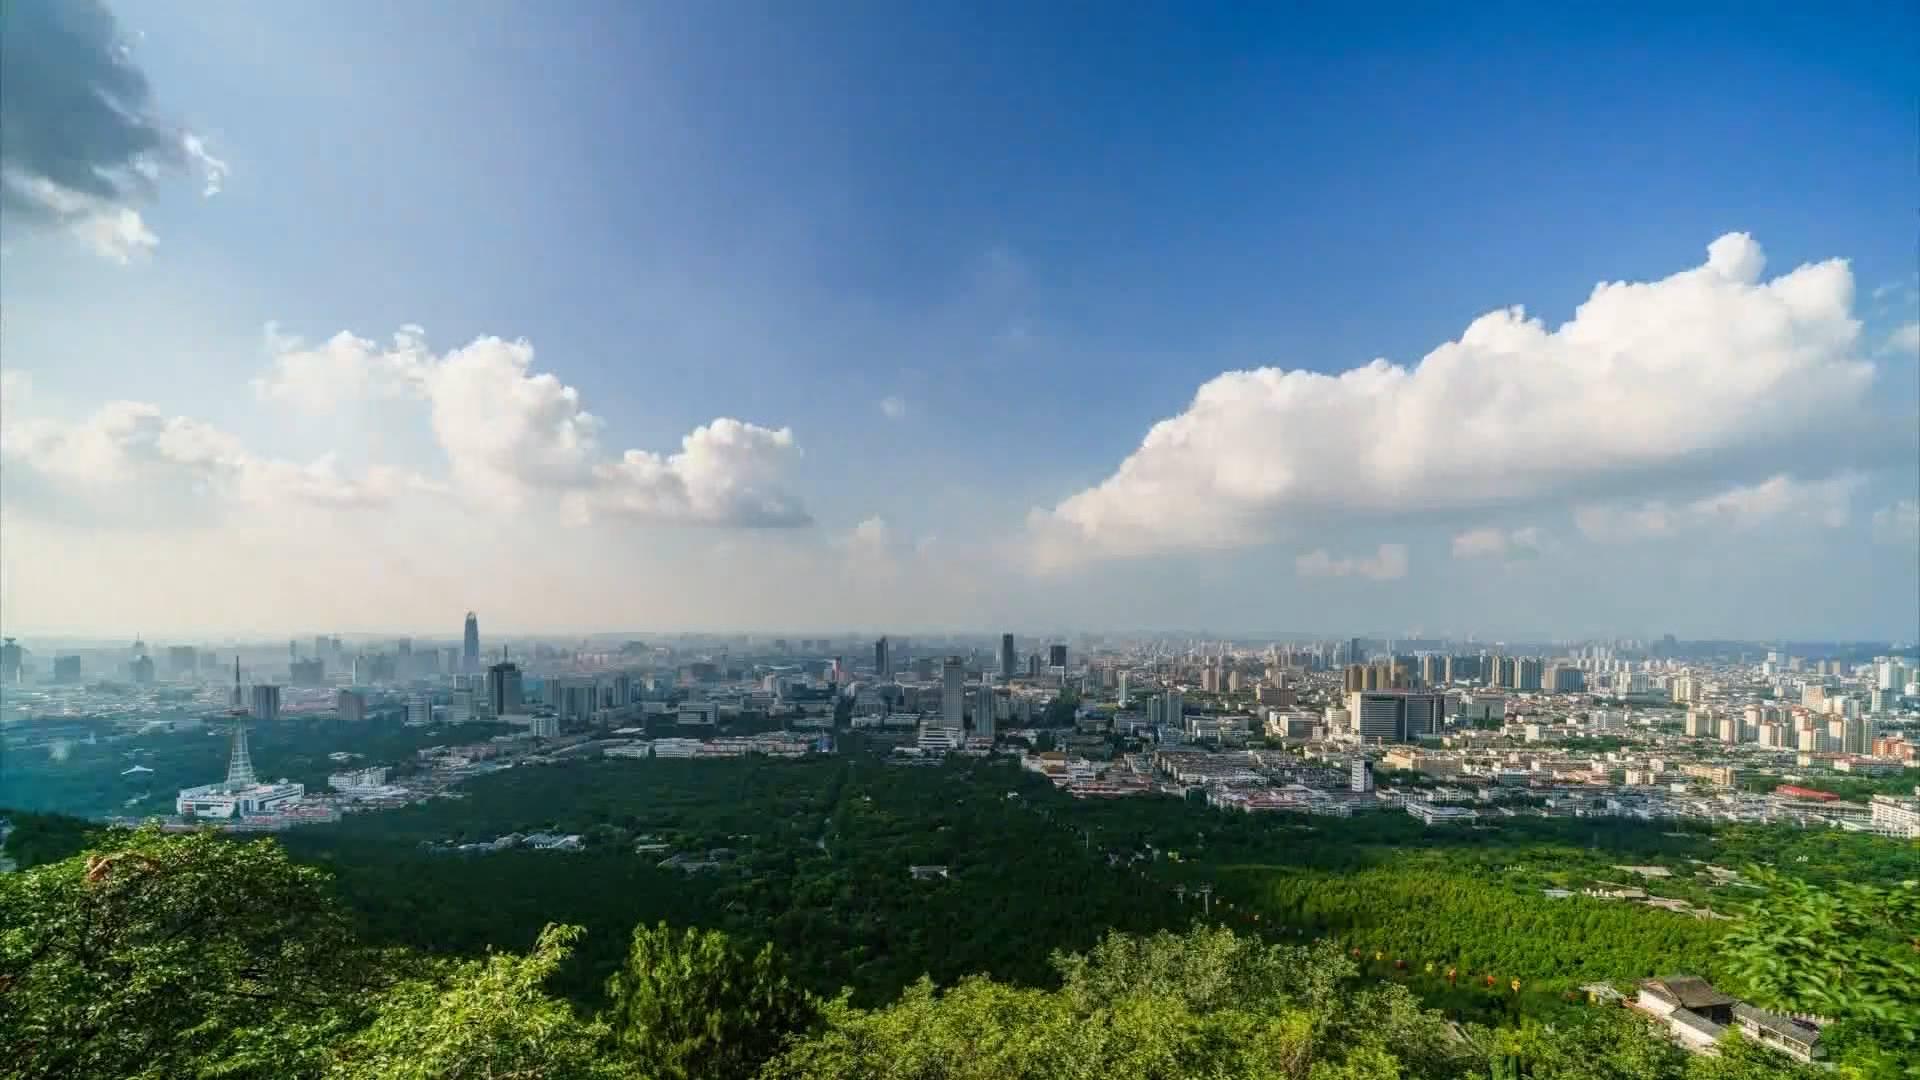 北京思路智园科技有限公司山东省分公司参加民营企业家座谈会